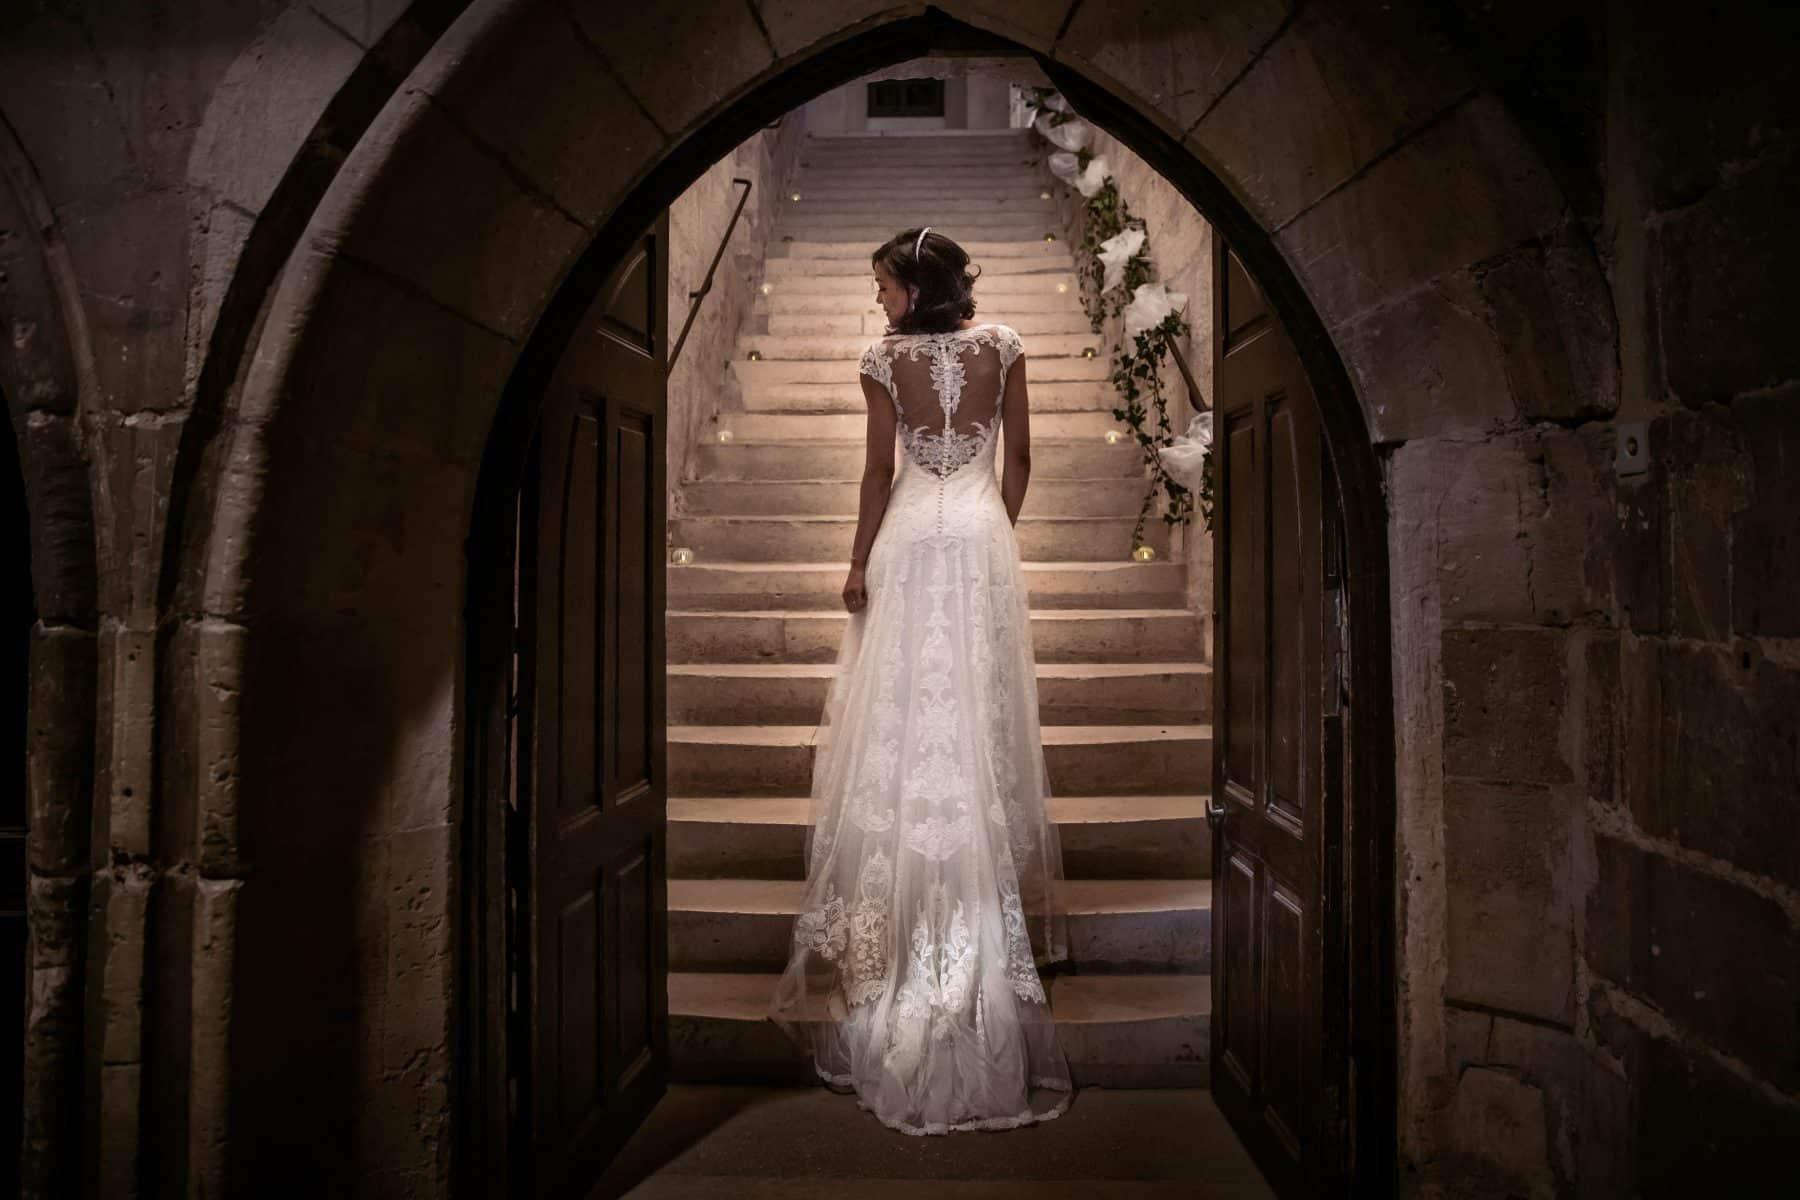 elopement photographer paris, paris elopement photographer, wedding photographer paris, wedding in france, photographer wedding france, love session paris